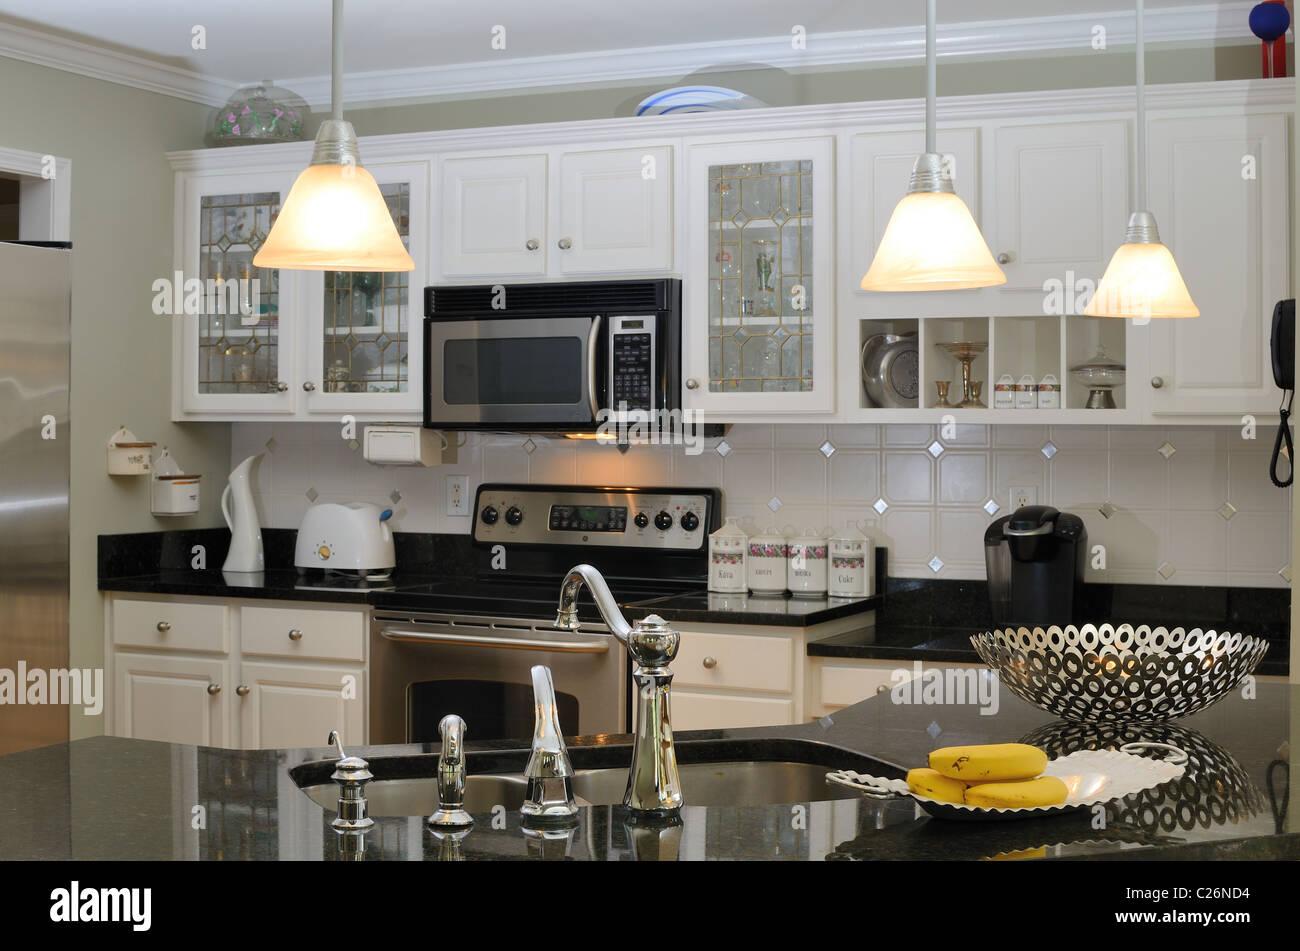 Una casa moderna cocina con electrodomésticos Foto de stock